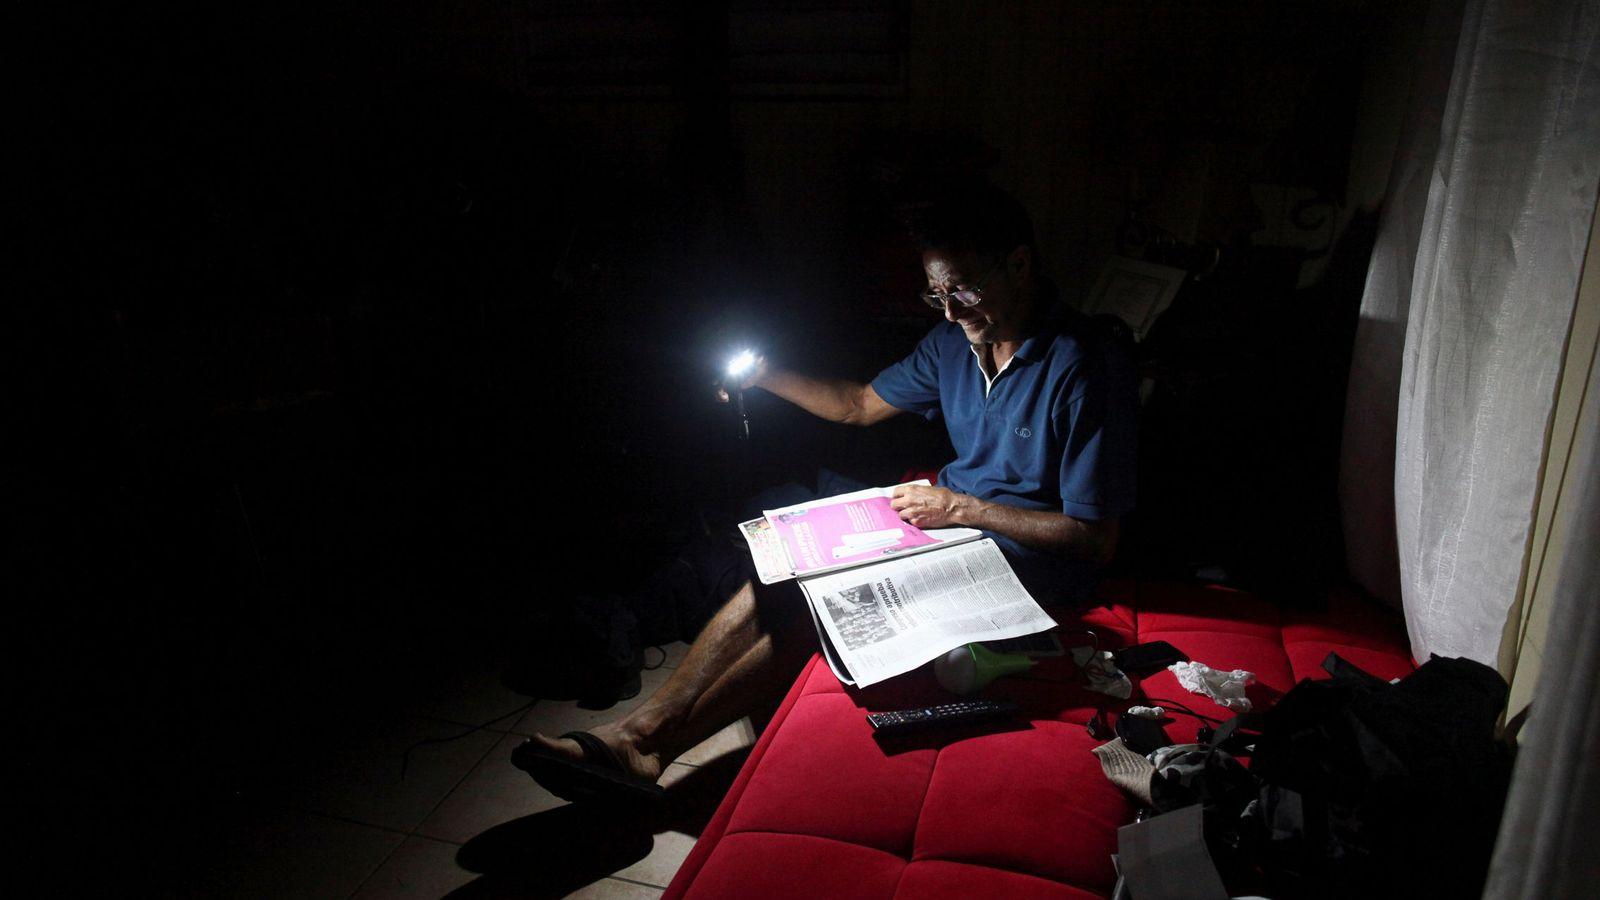 Foto: La linterna es una de las aplicaciones más utilizadas en los smartphones (Reuters/Alvin Baez)